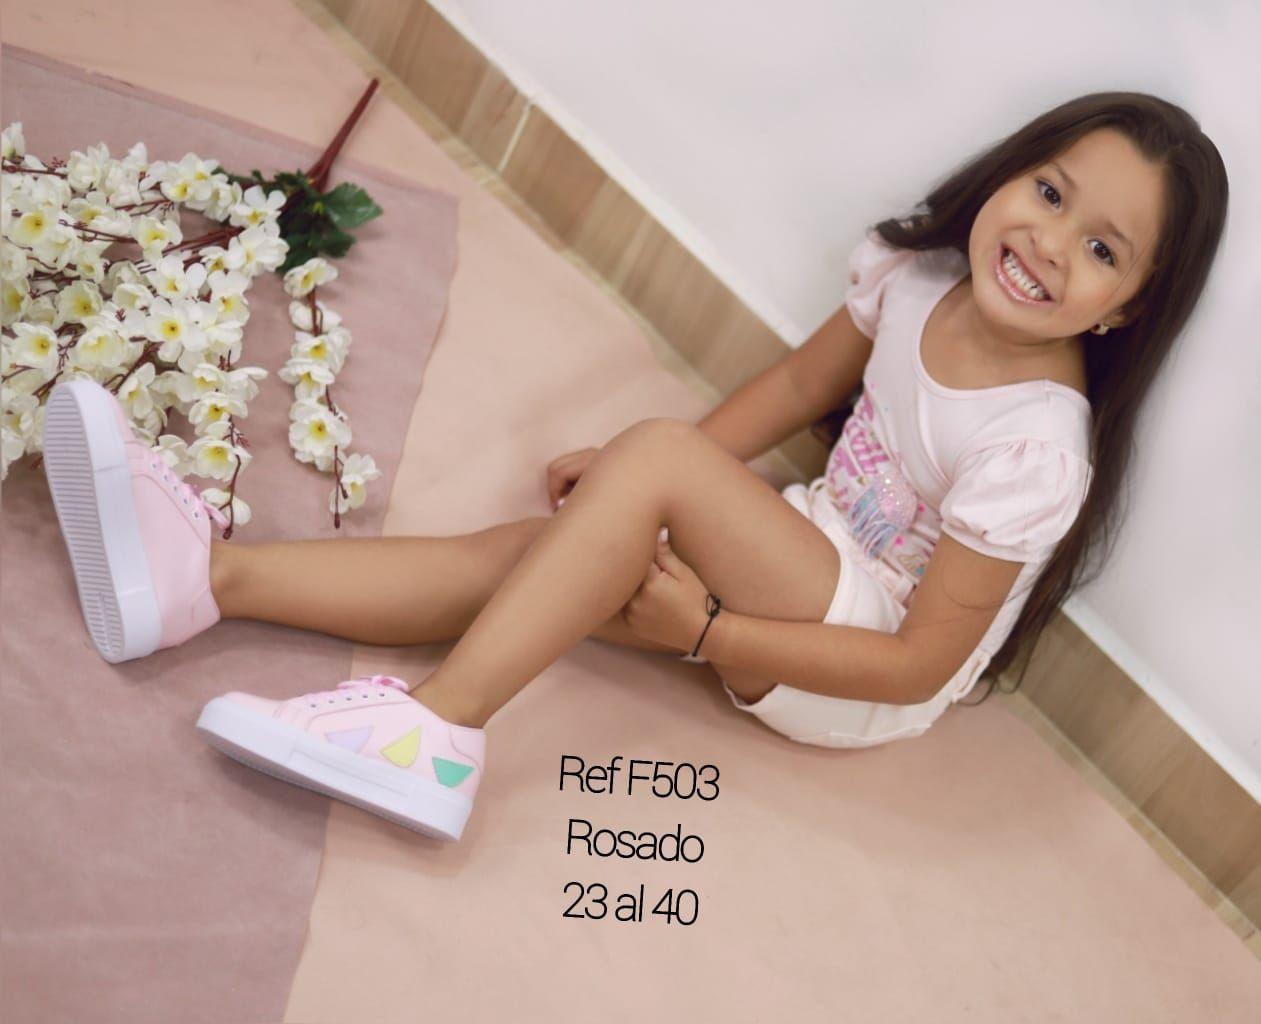 RefF-503 Rosado